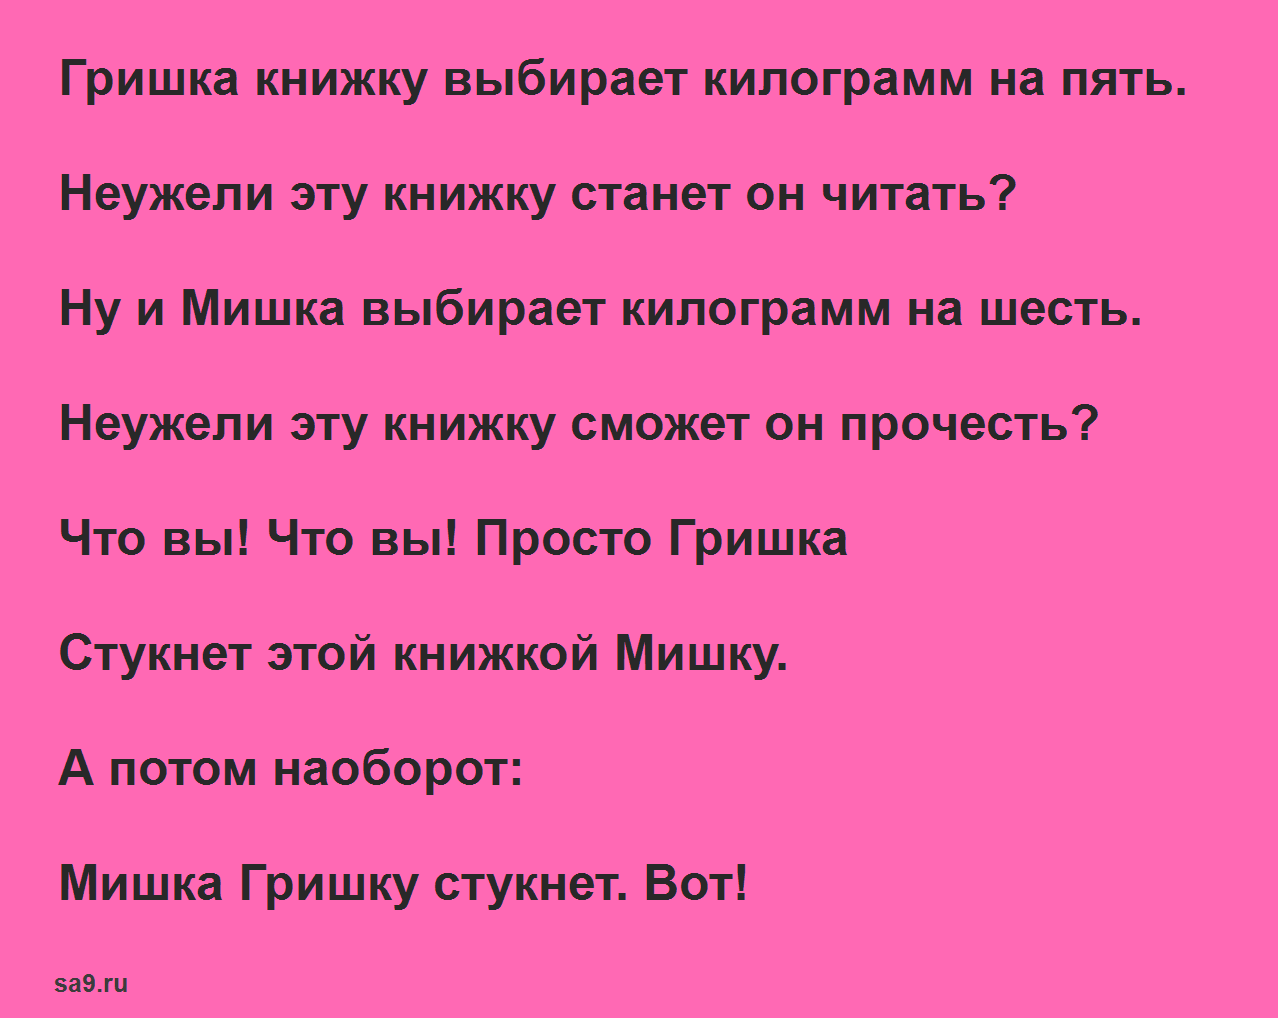 Короткие, детские стихи для школьников - В библиотеке, Тахистова